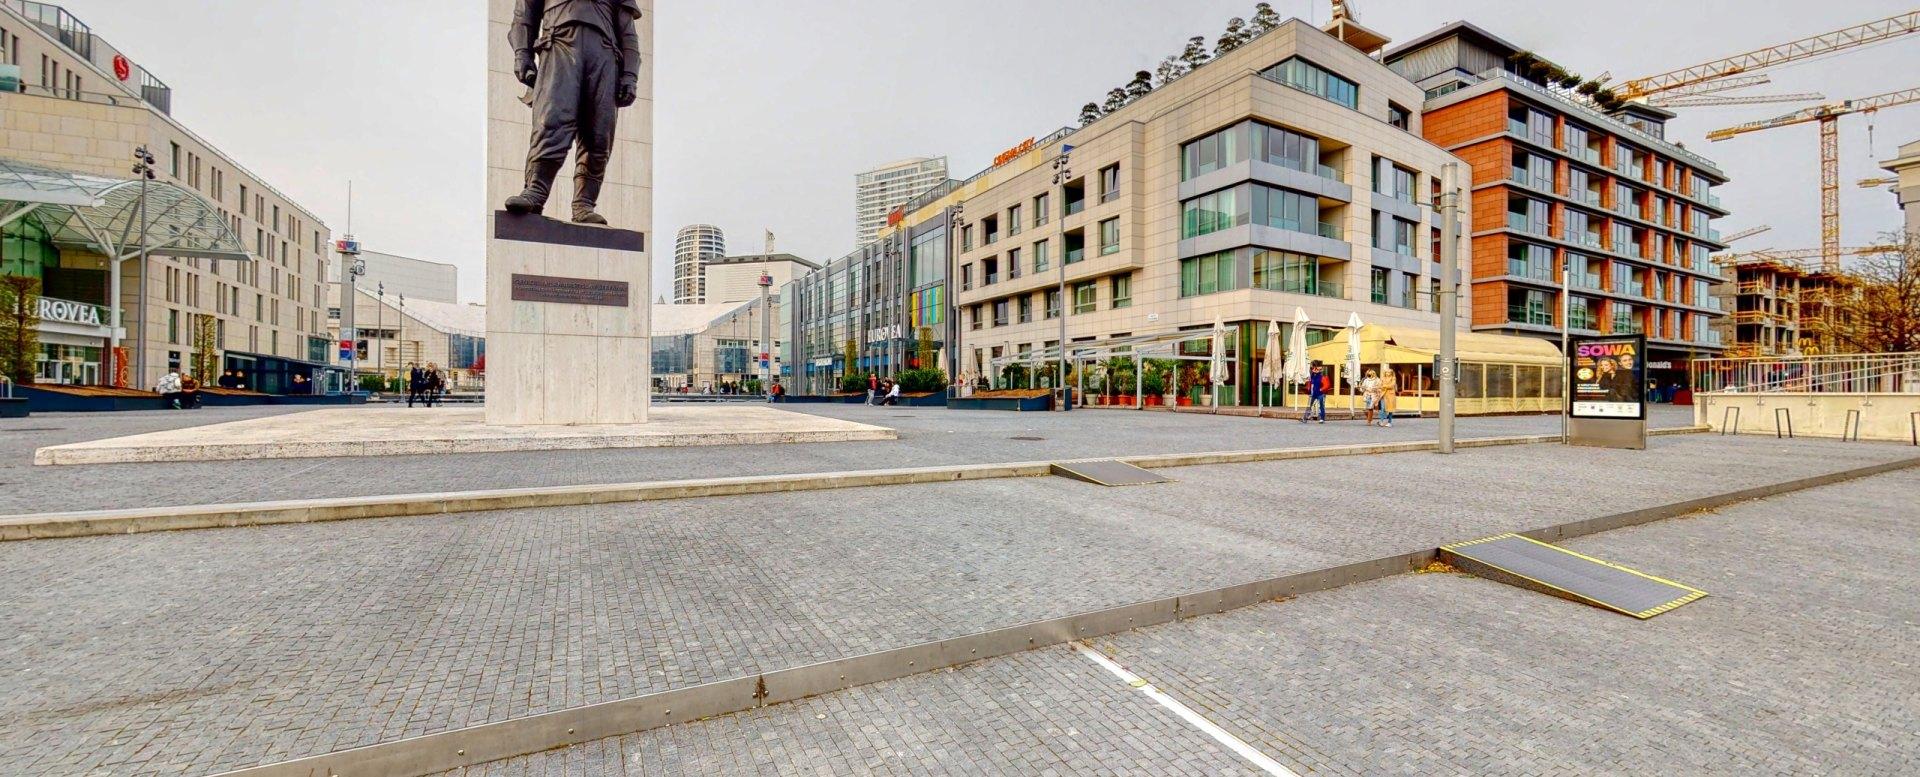 Námeste a socha M. R. Štefánika